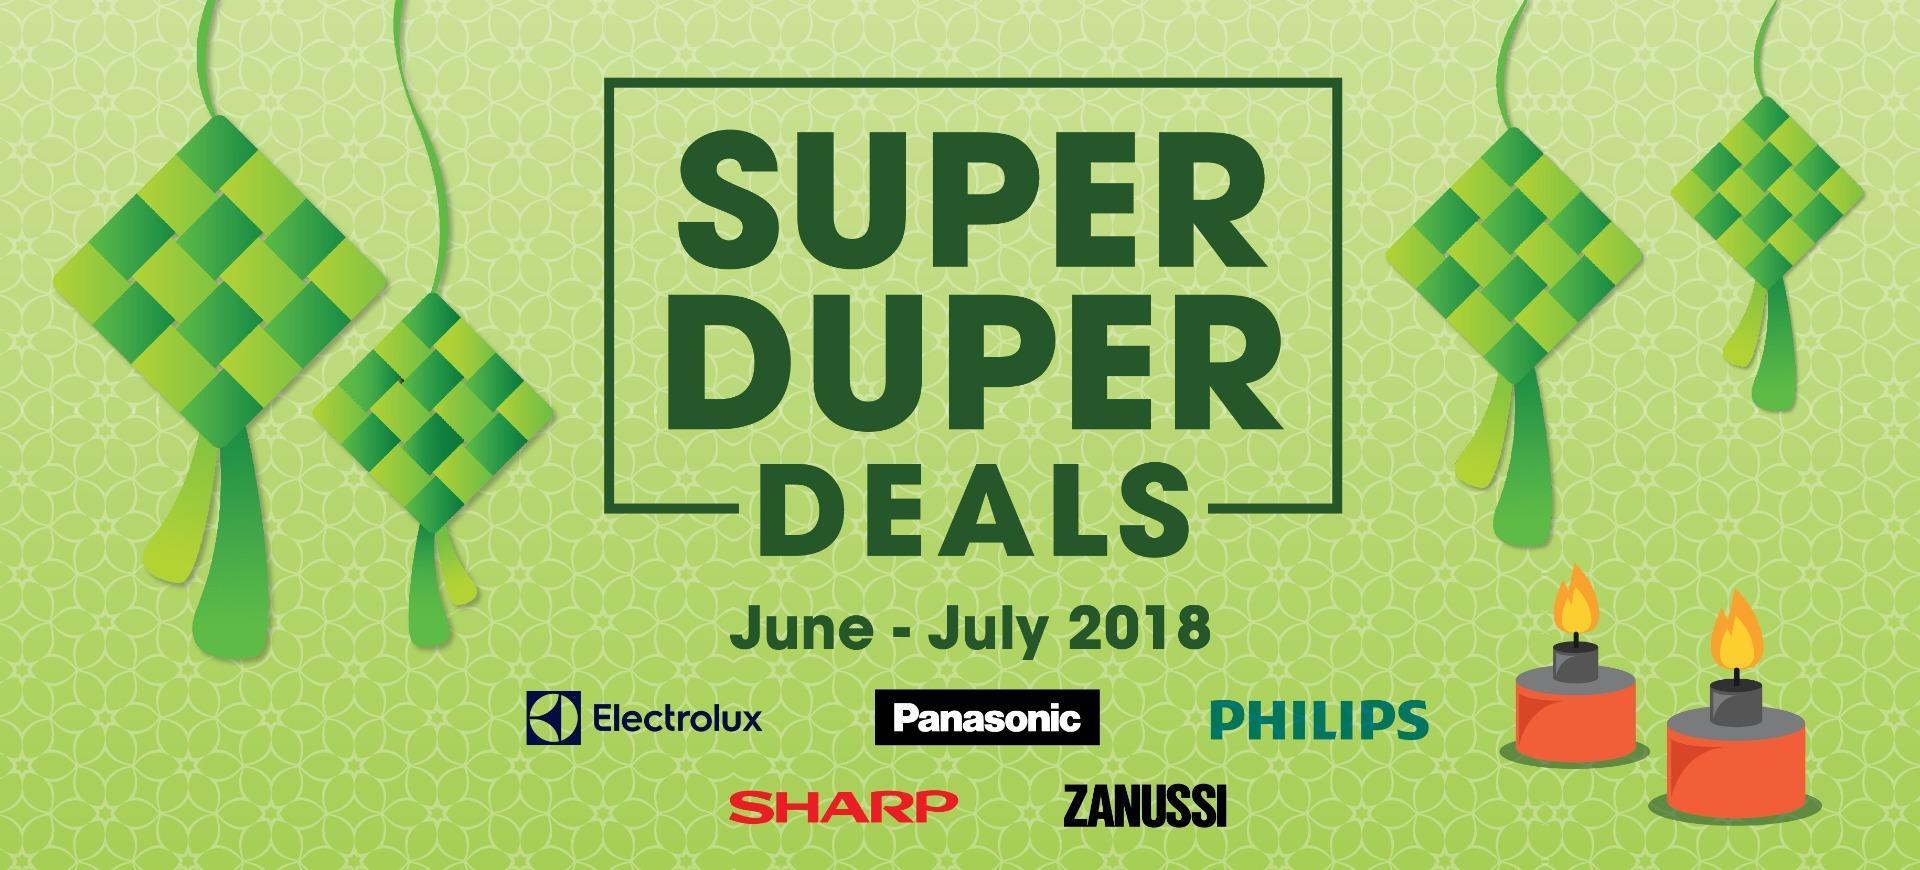 7114e9ea6f712 Tan Boon Ming Sdn Bhd: Super Duper Deals June - July 2018